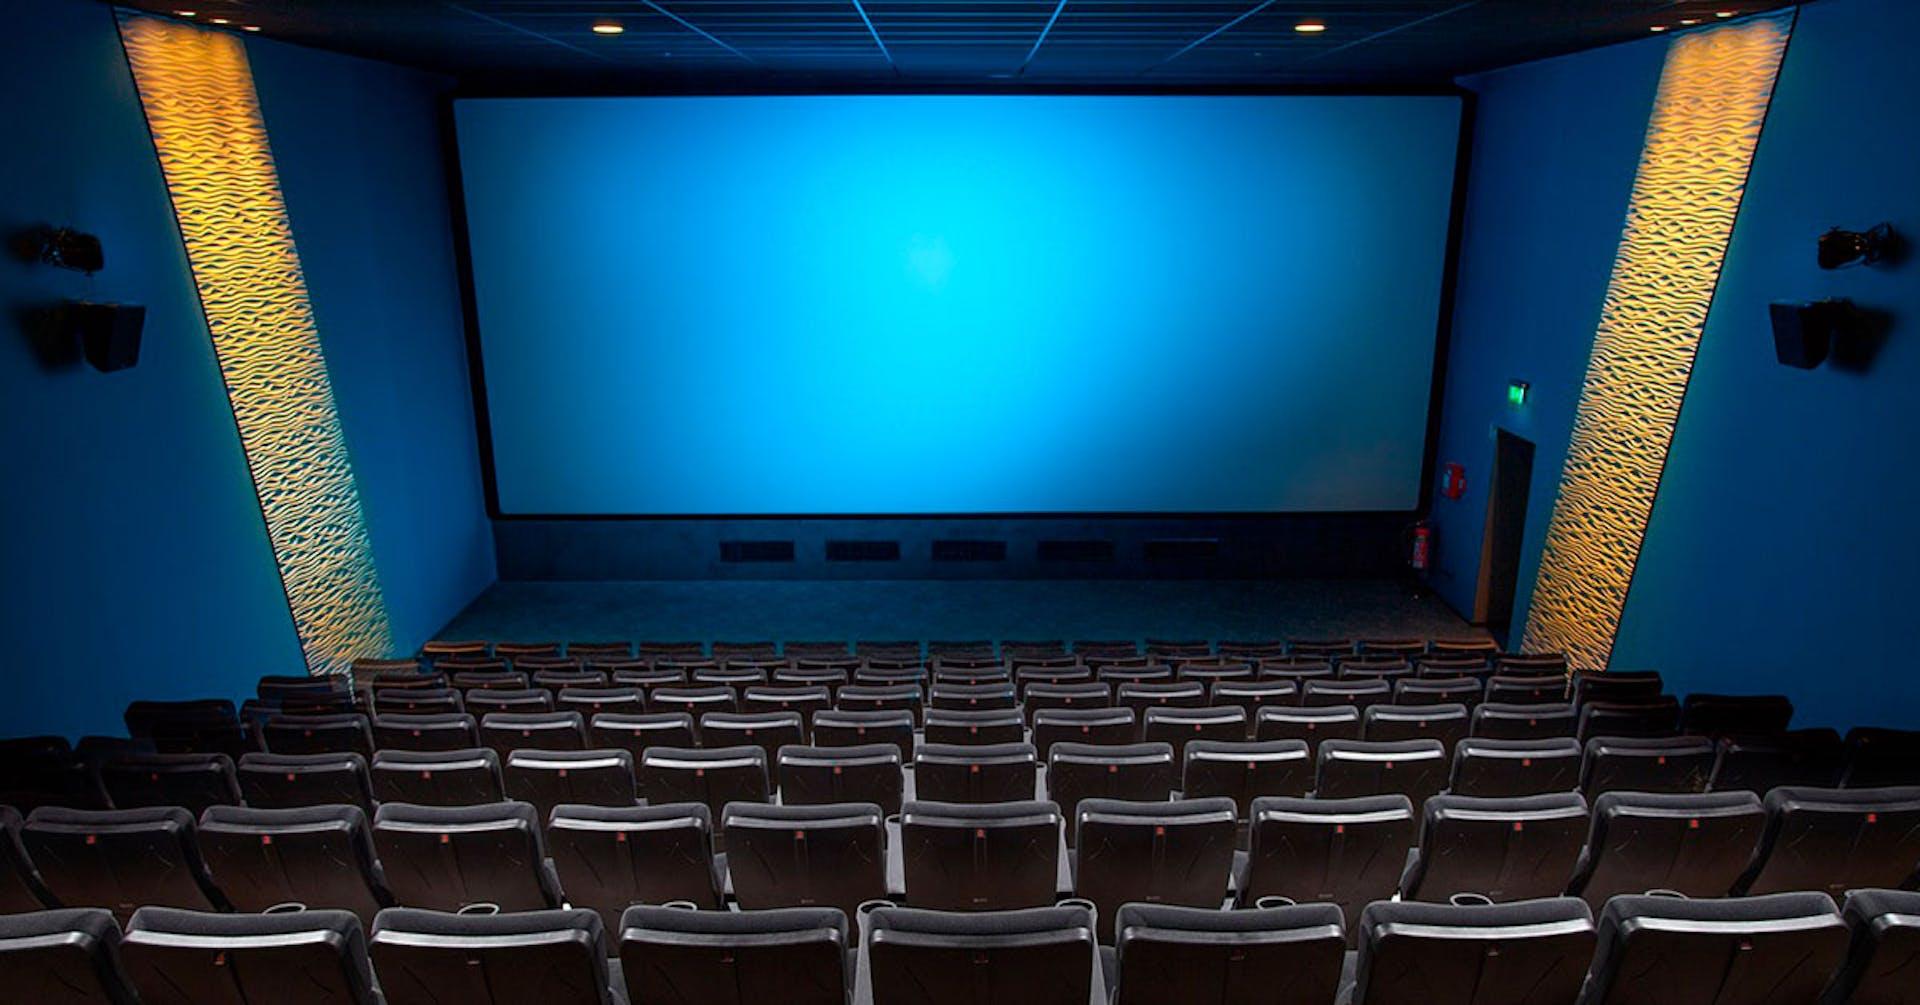 Cómo hacer un análisis de una película: una (muy breve) introducción